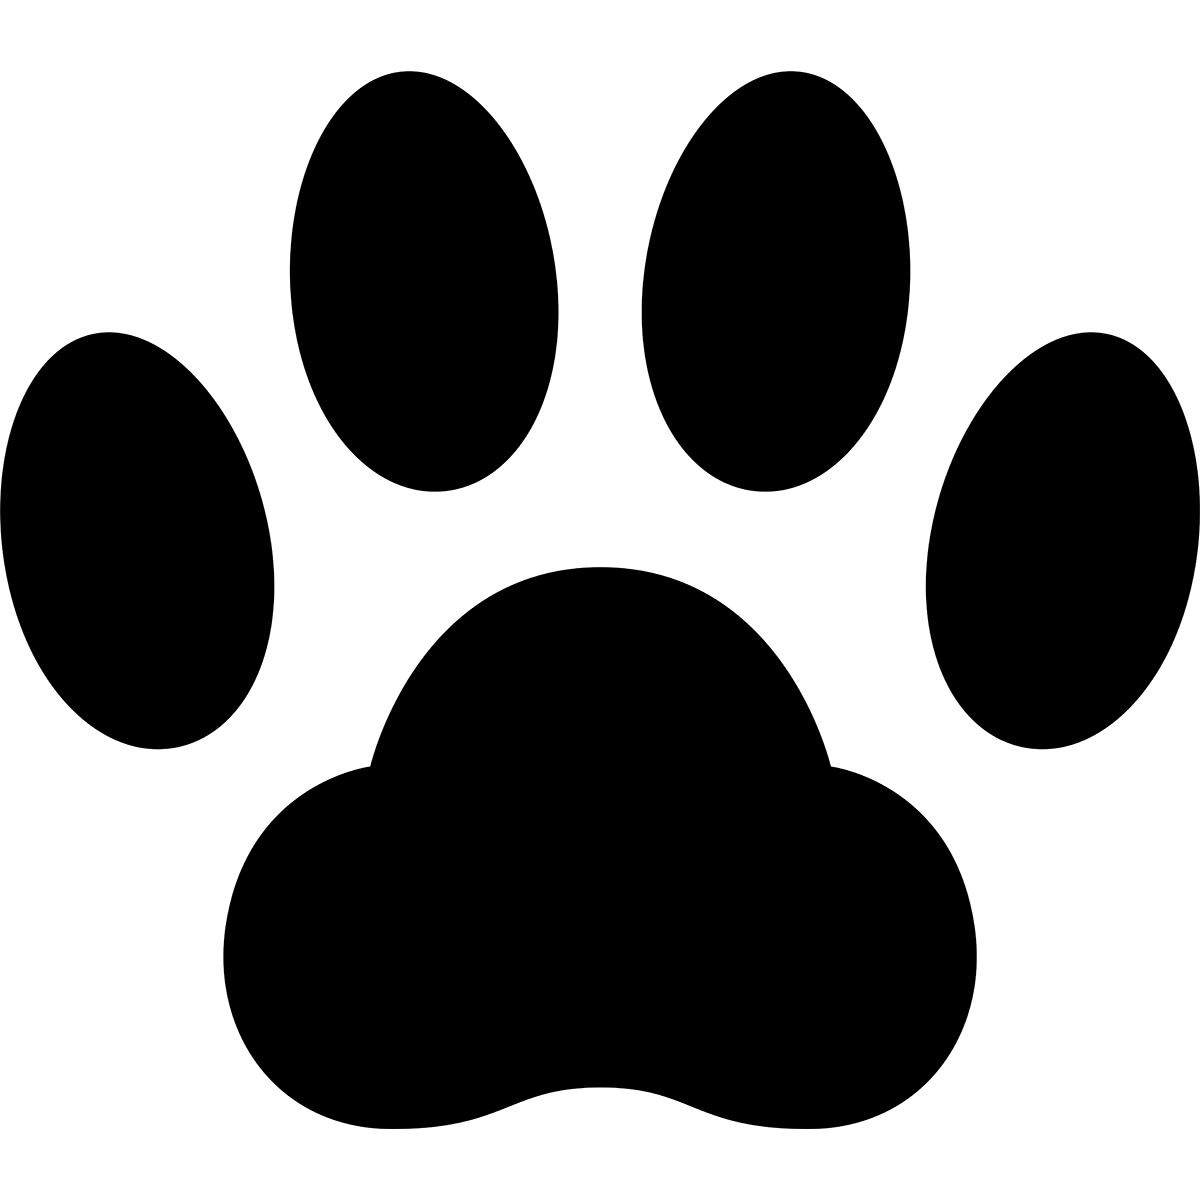 【アイコン】猫の肉球の無料イラスト